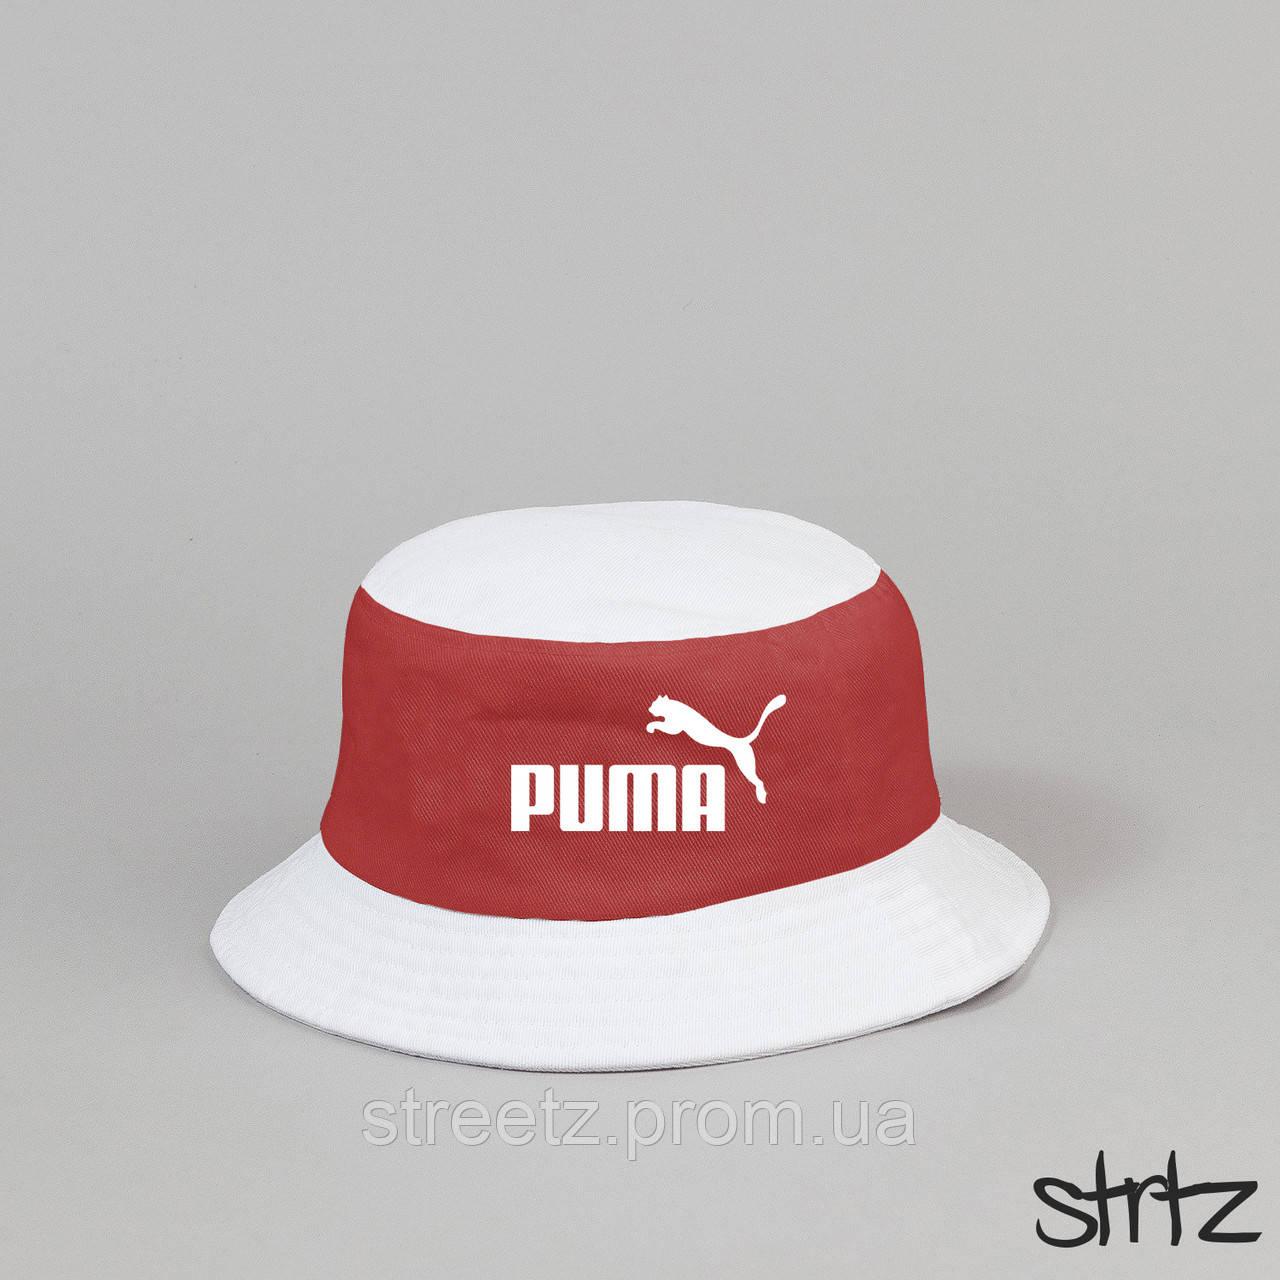 Панама Puma